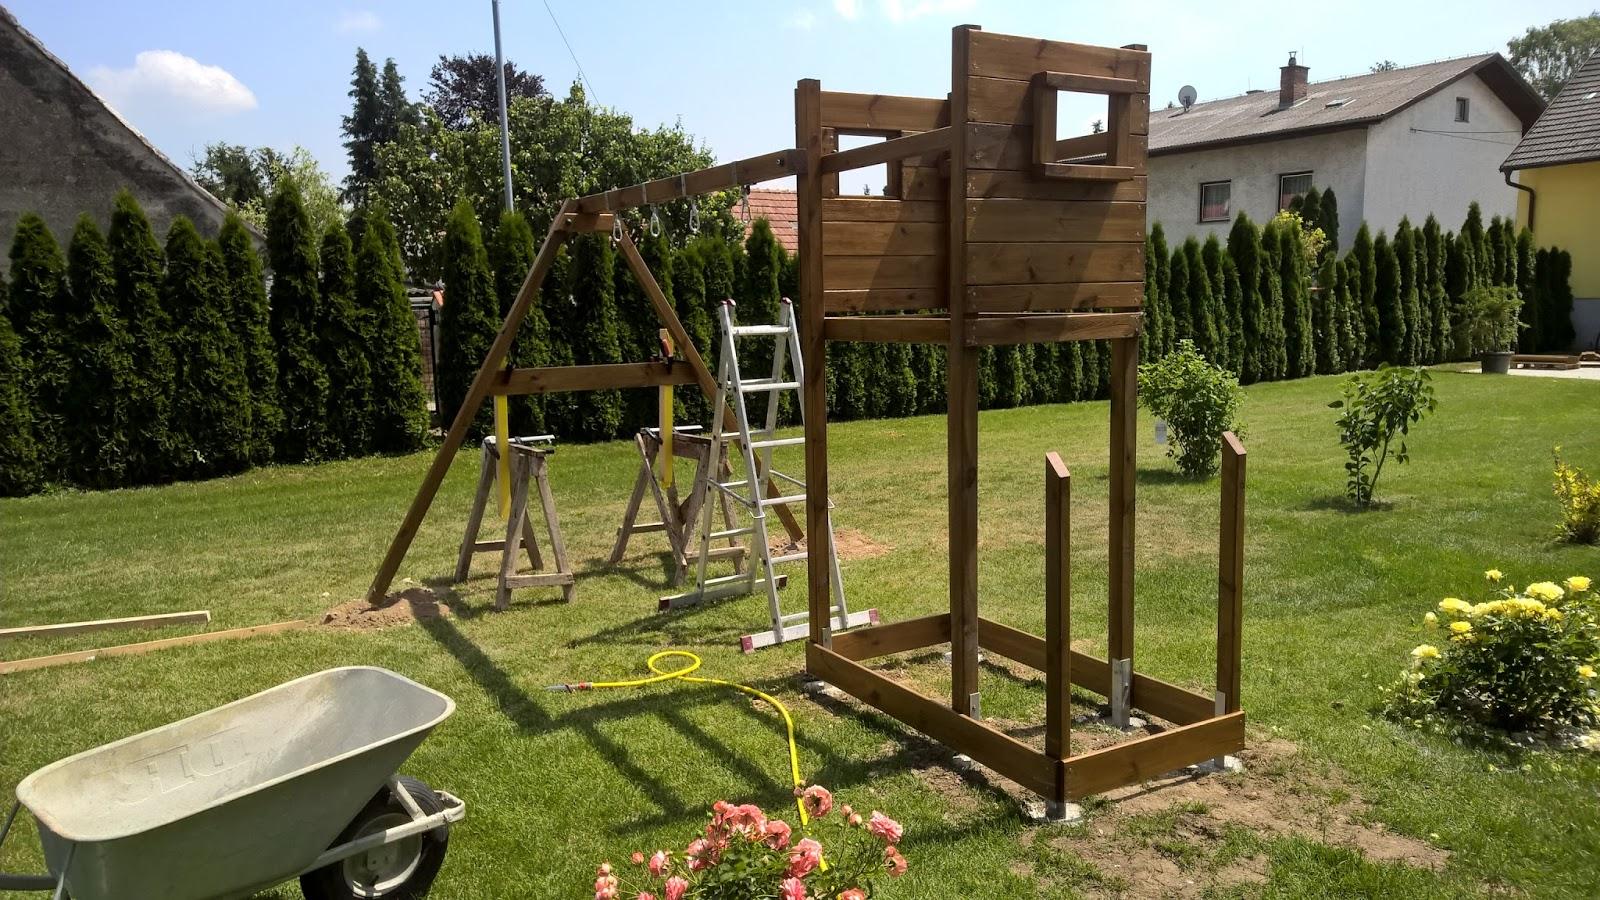 Klettergerüst Holz Streichen : Holz und metall ein heimwerkerblog: kinderschaukel richtig aufstellen